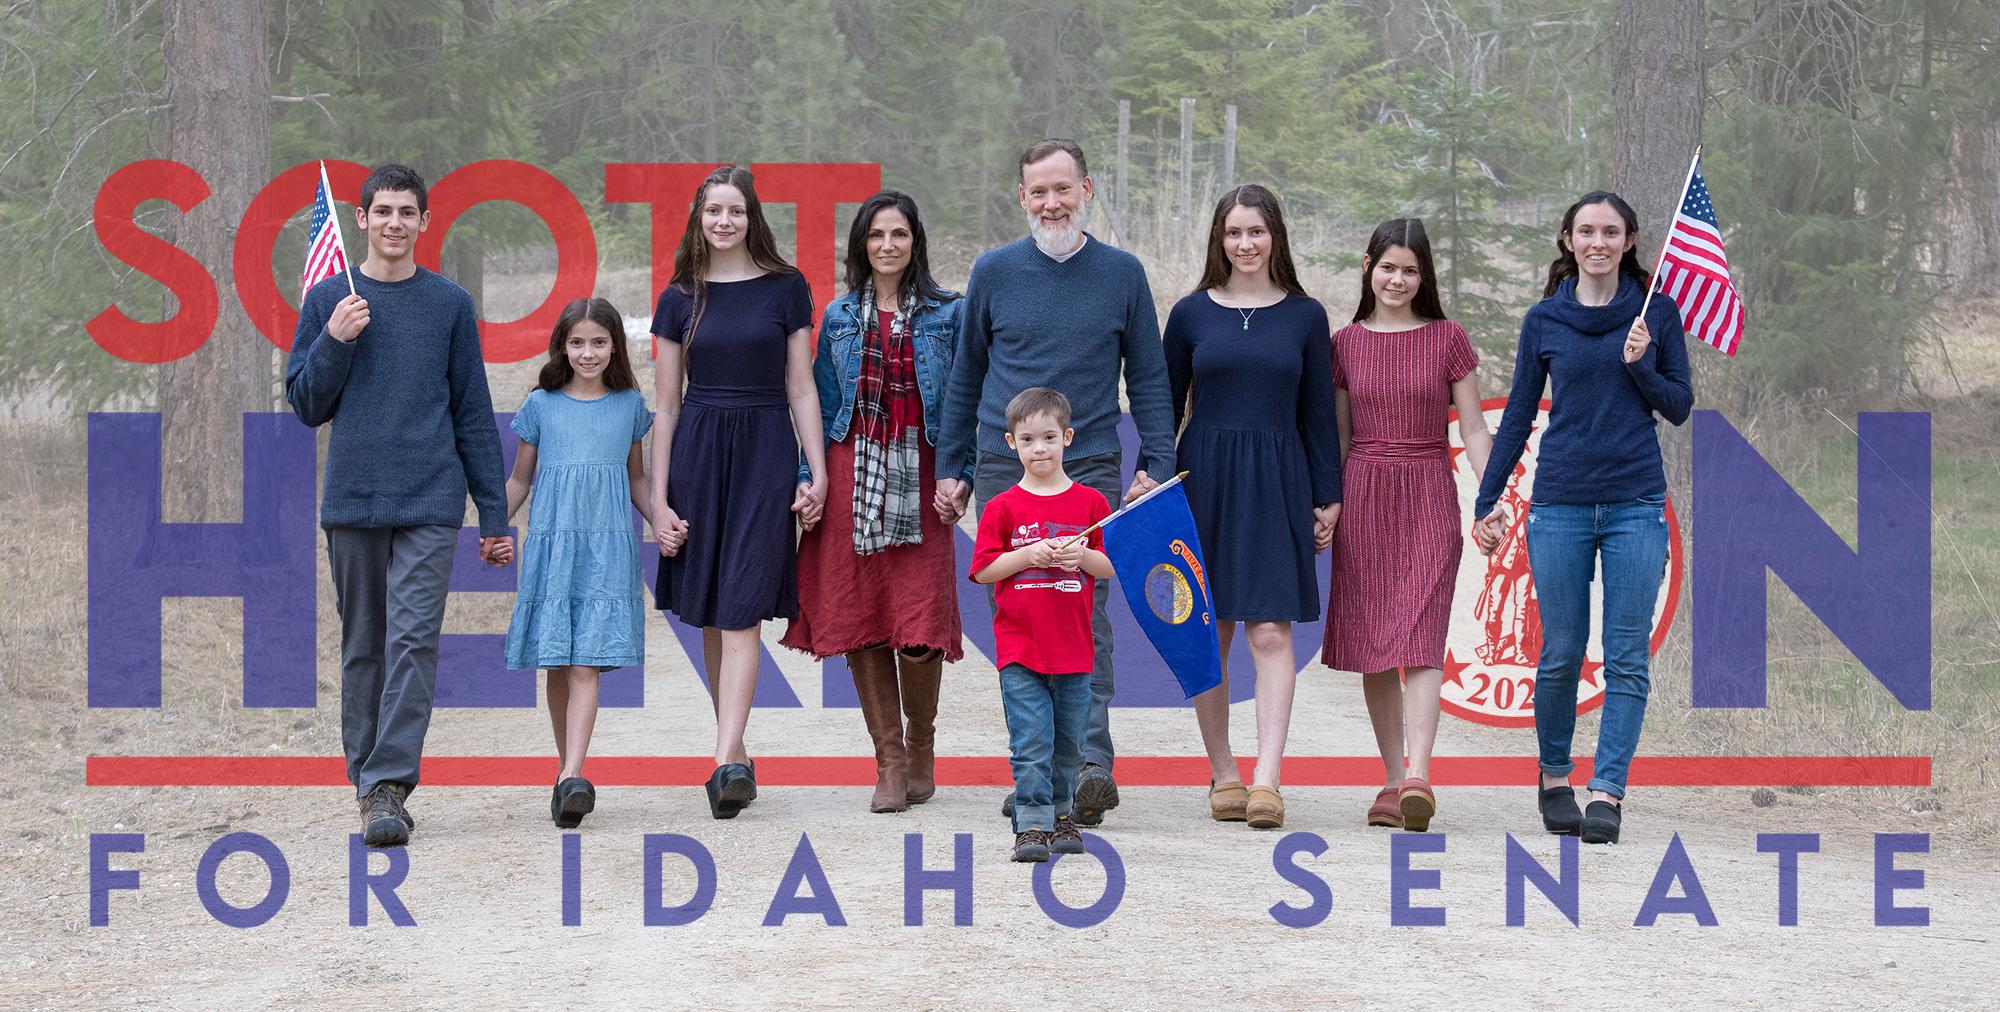 Scott Herndon for Idaho Senate